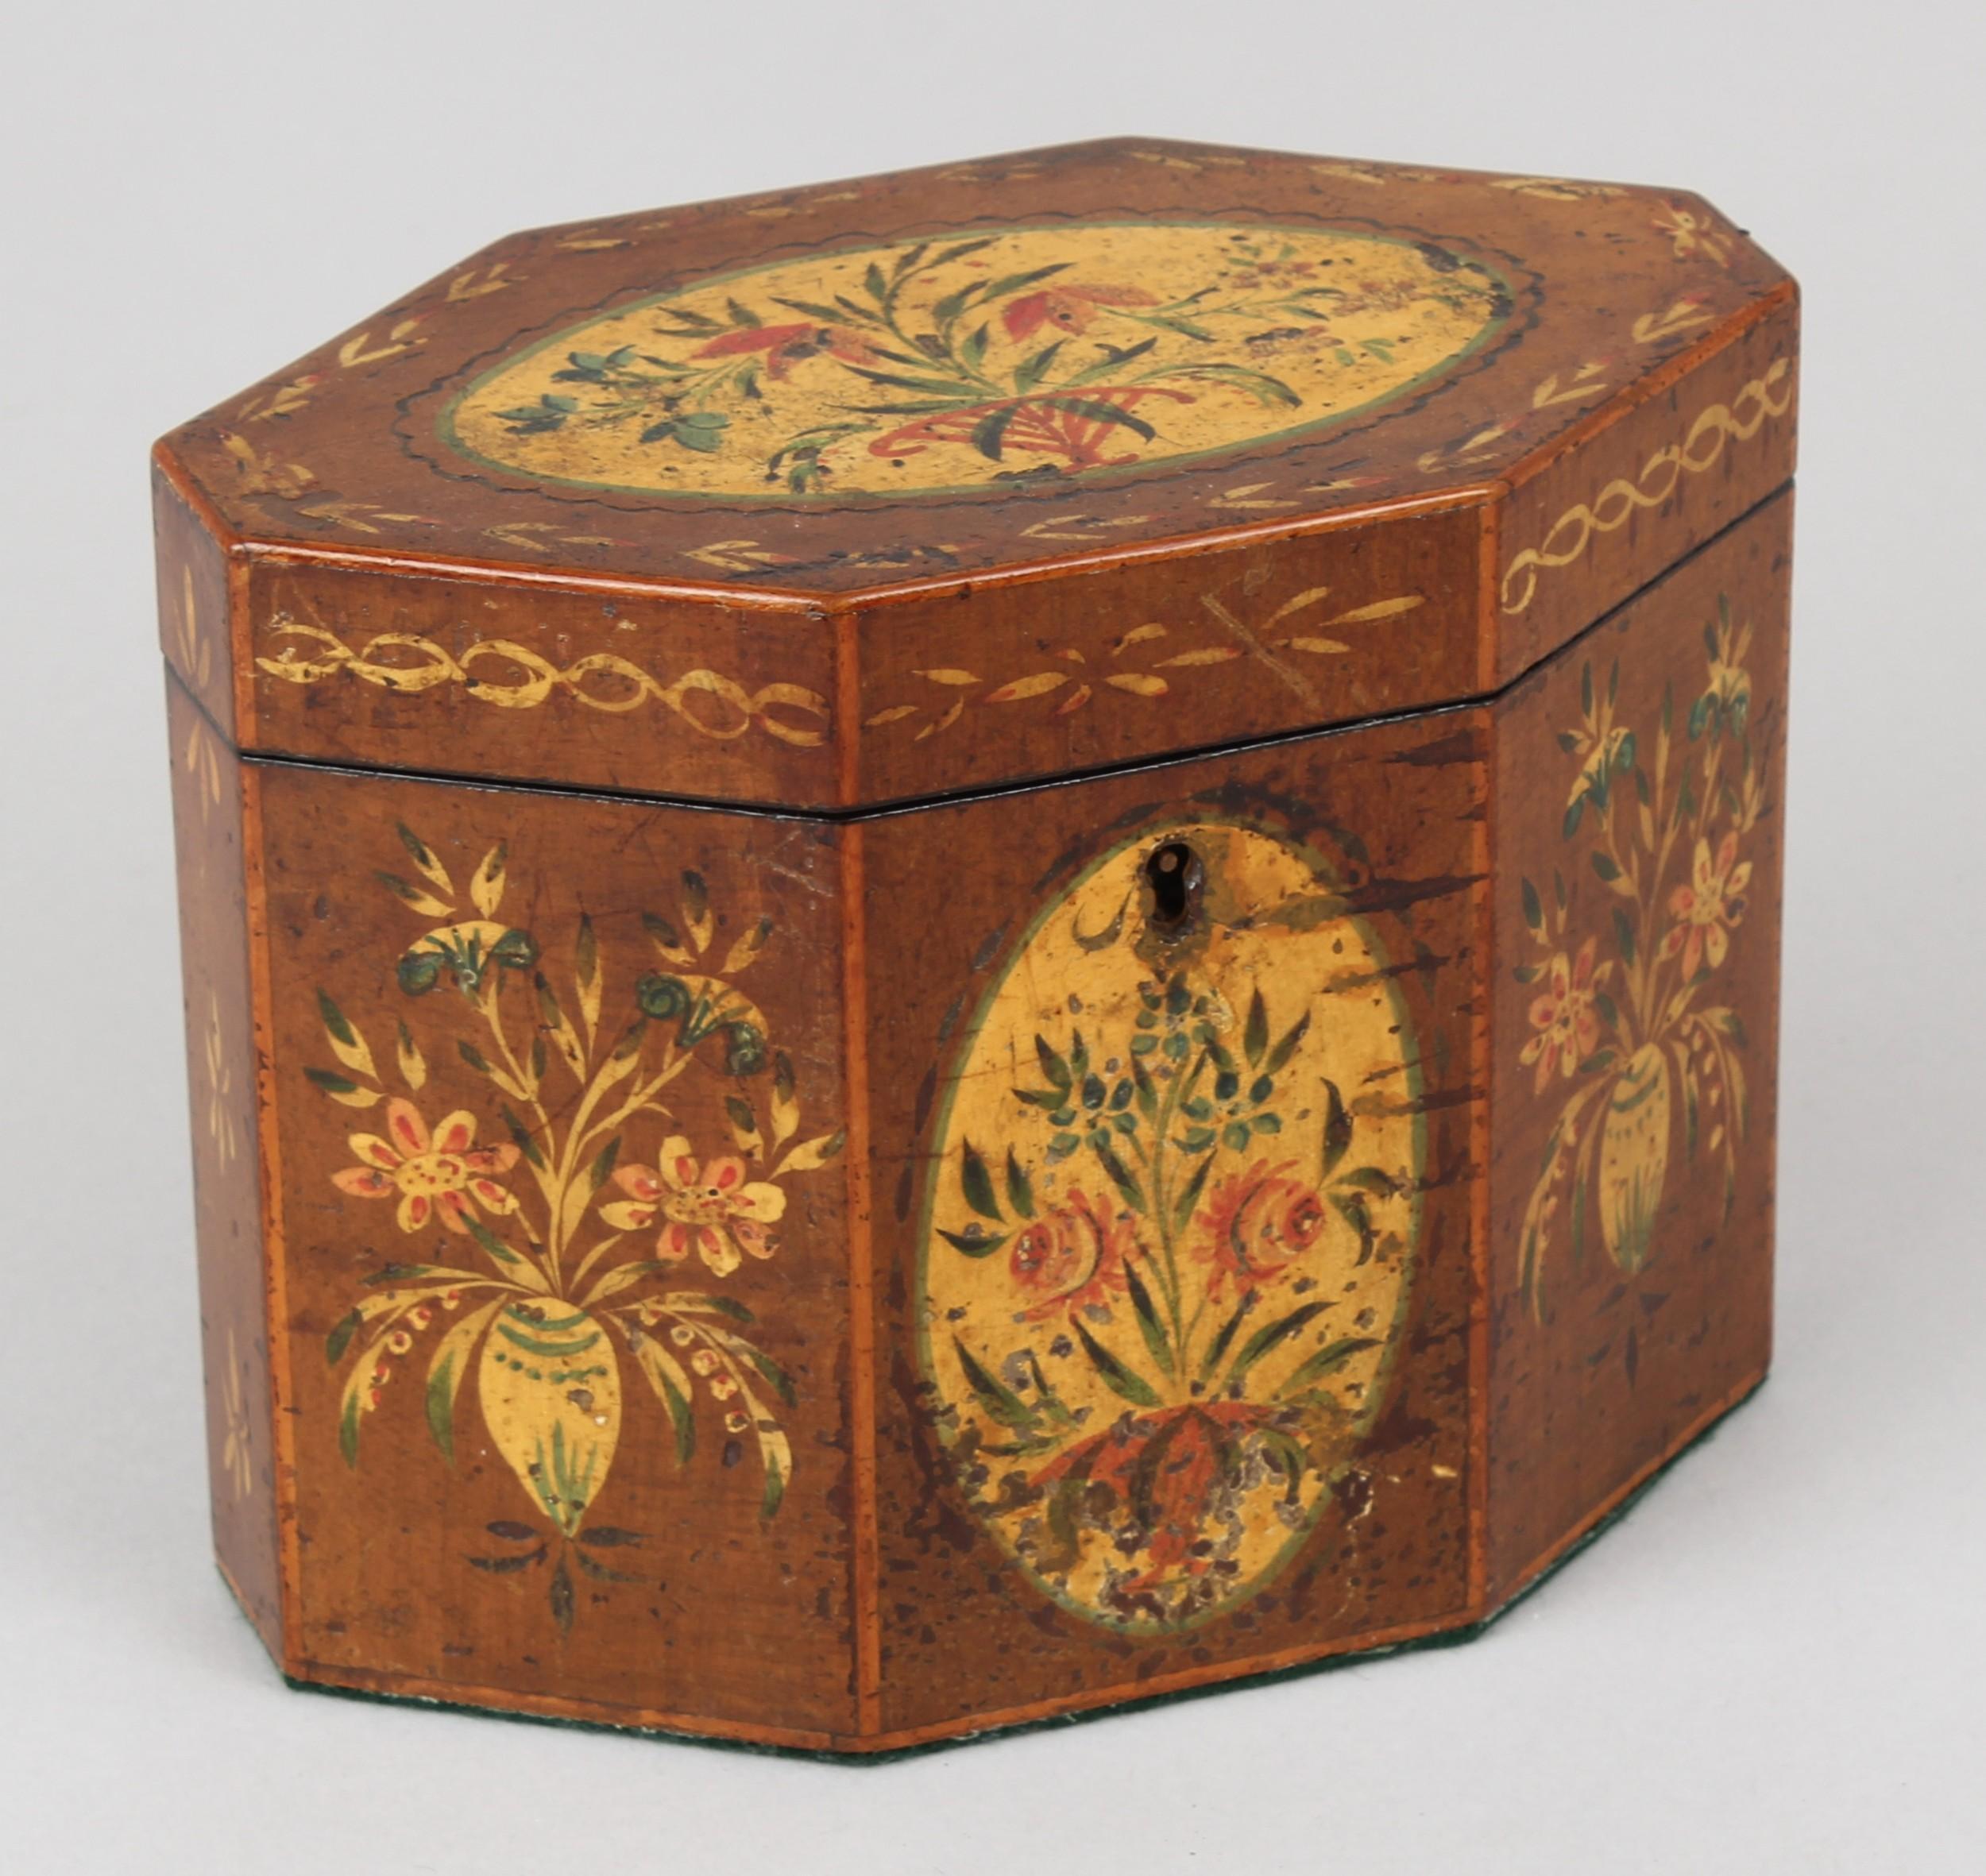 george iii period octagonal harewood teacaddy